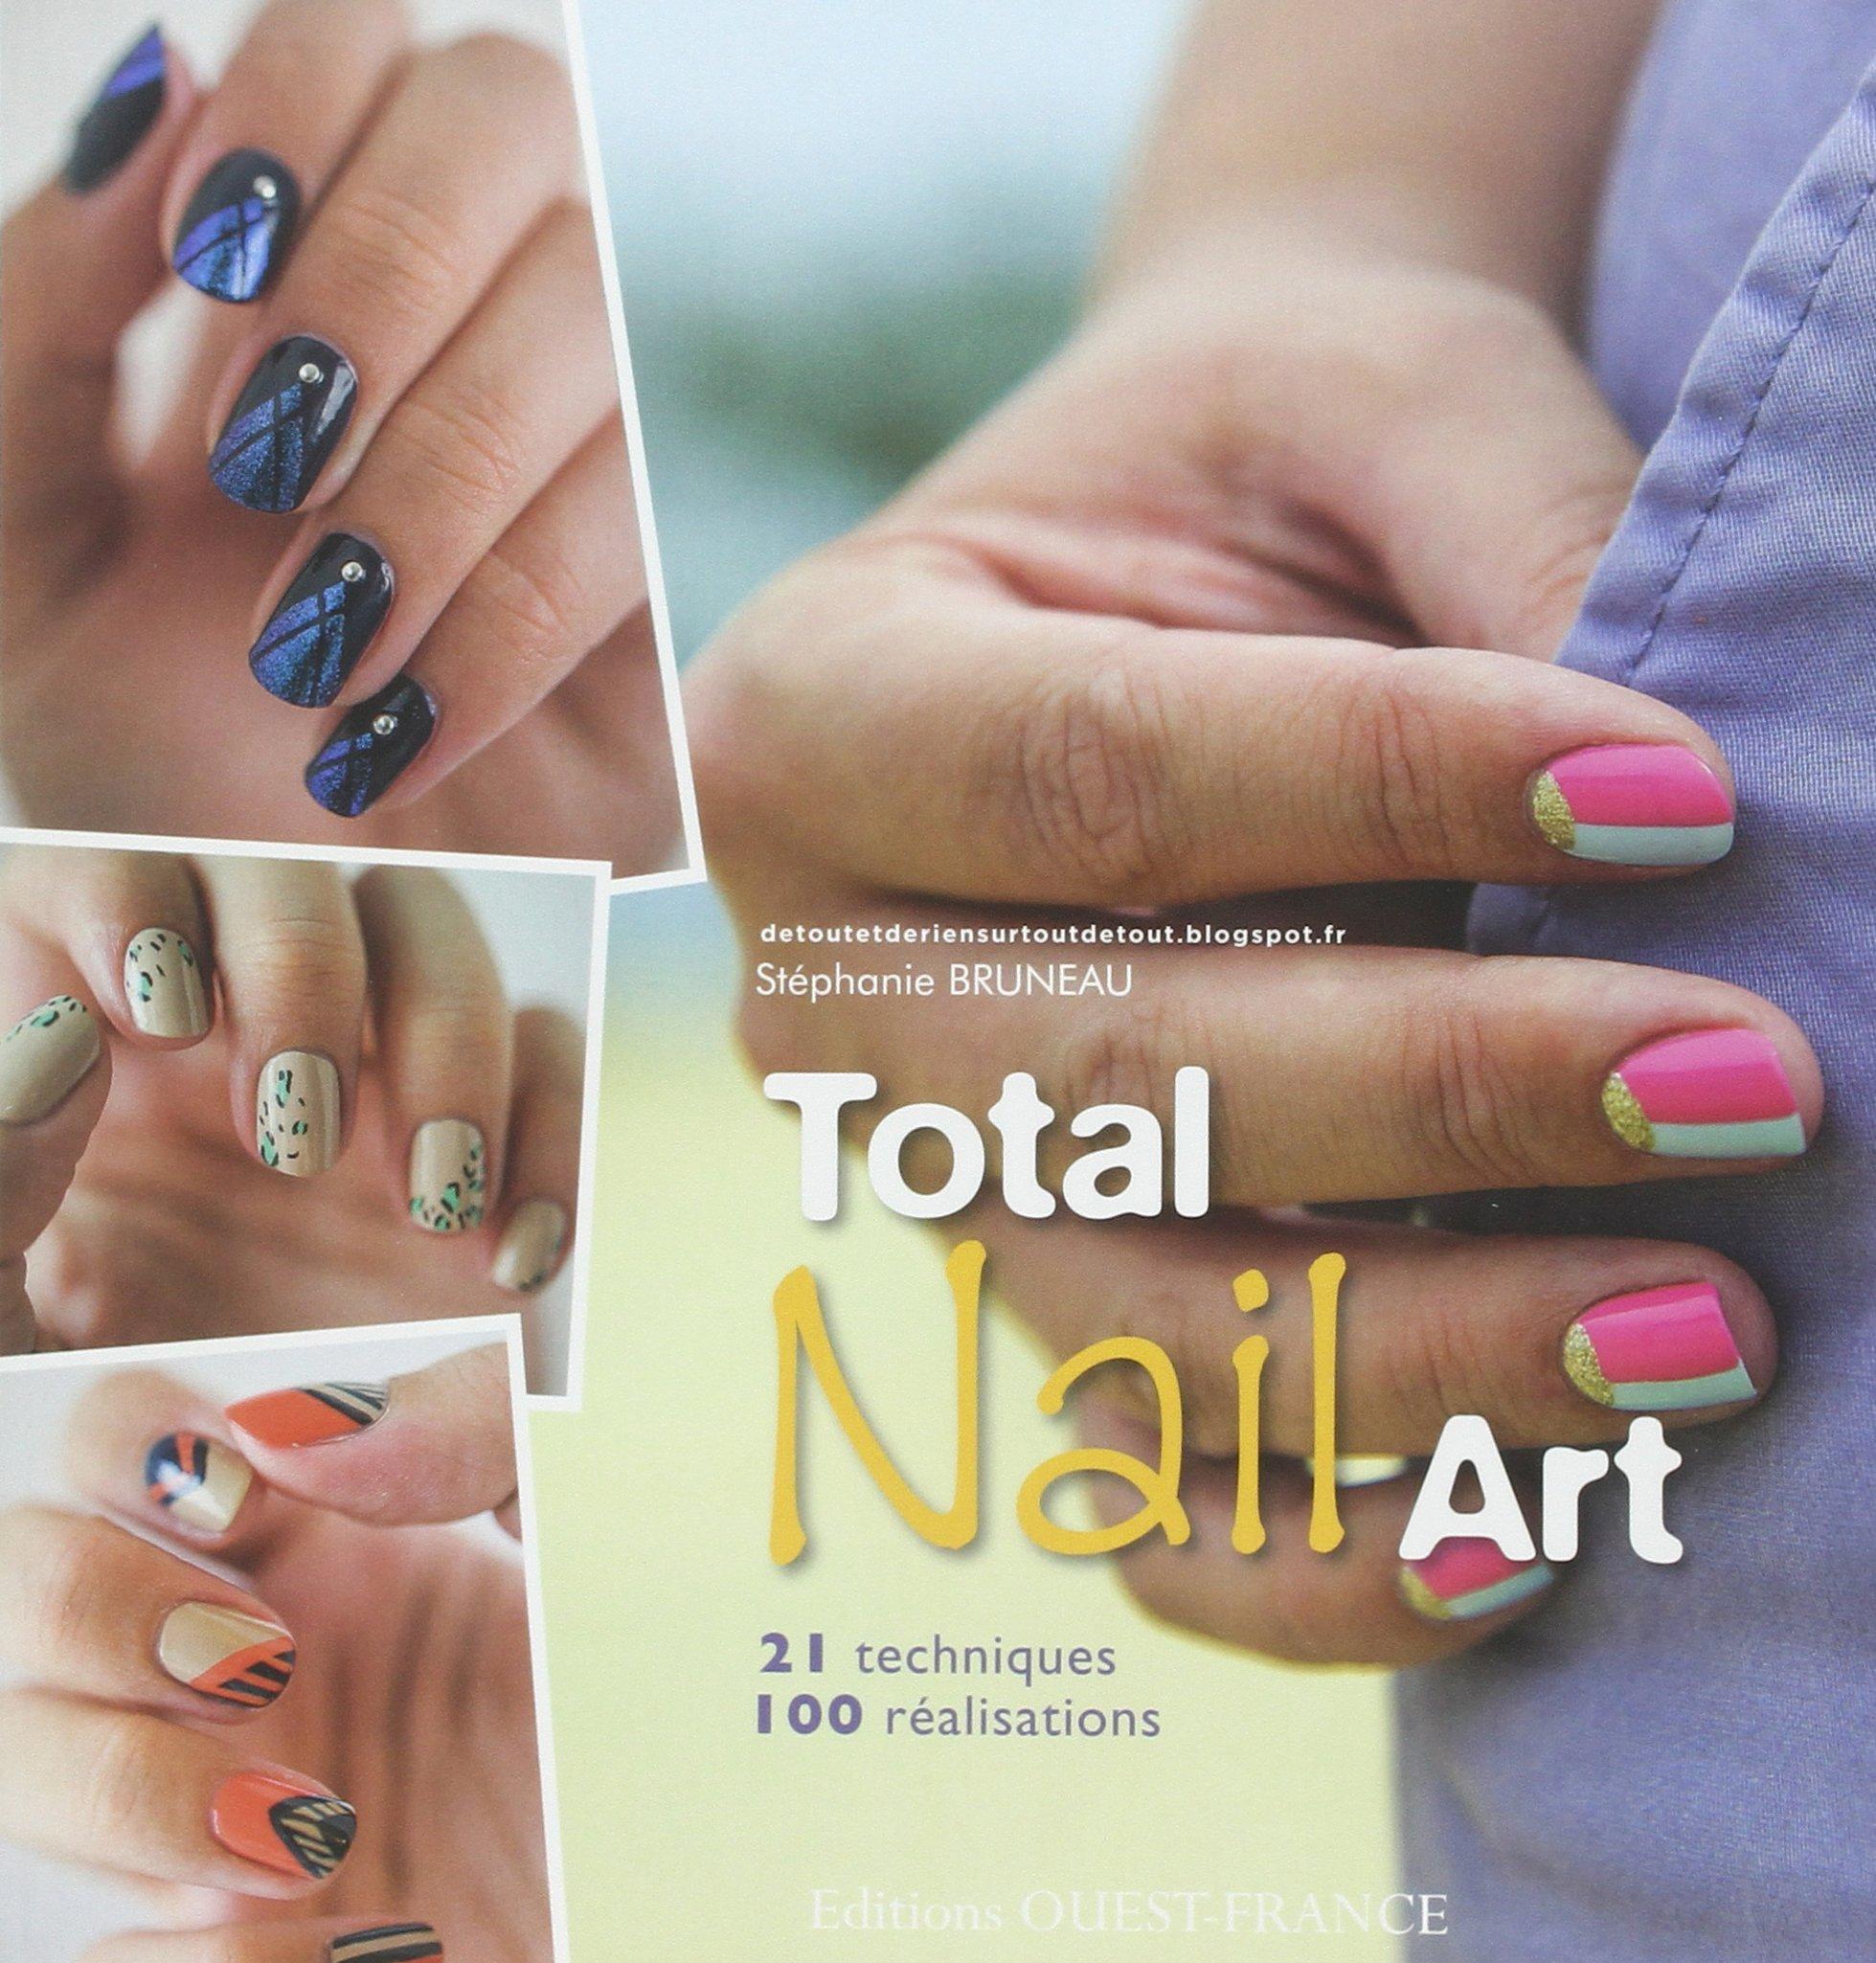 Nail art 100